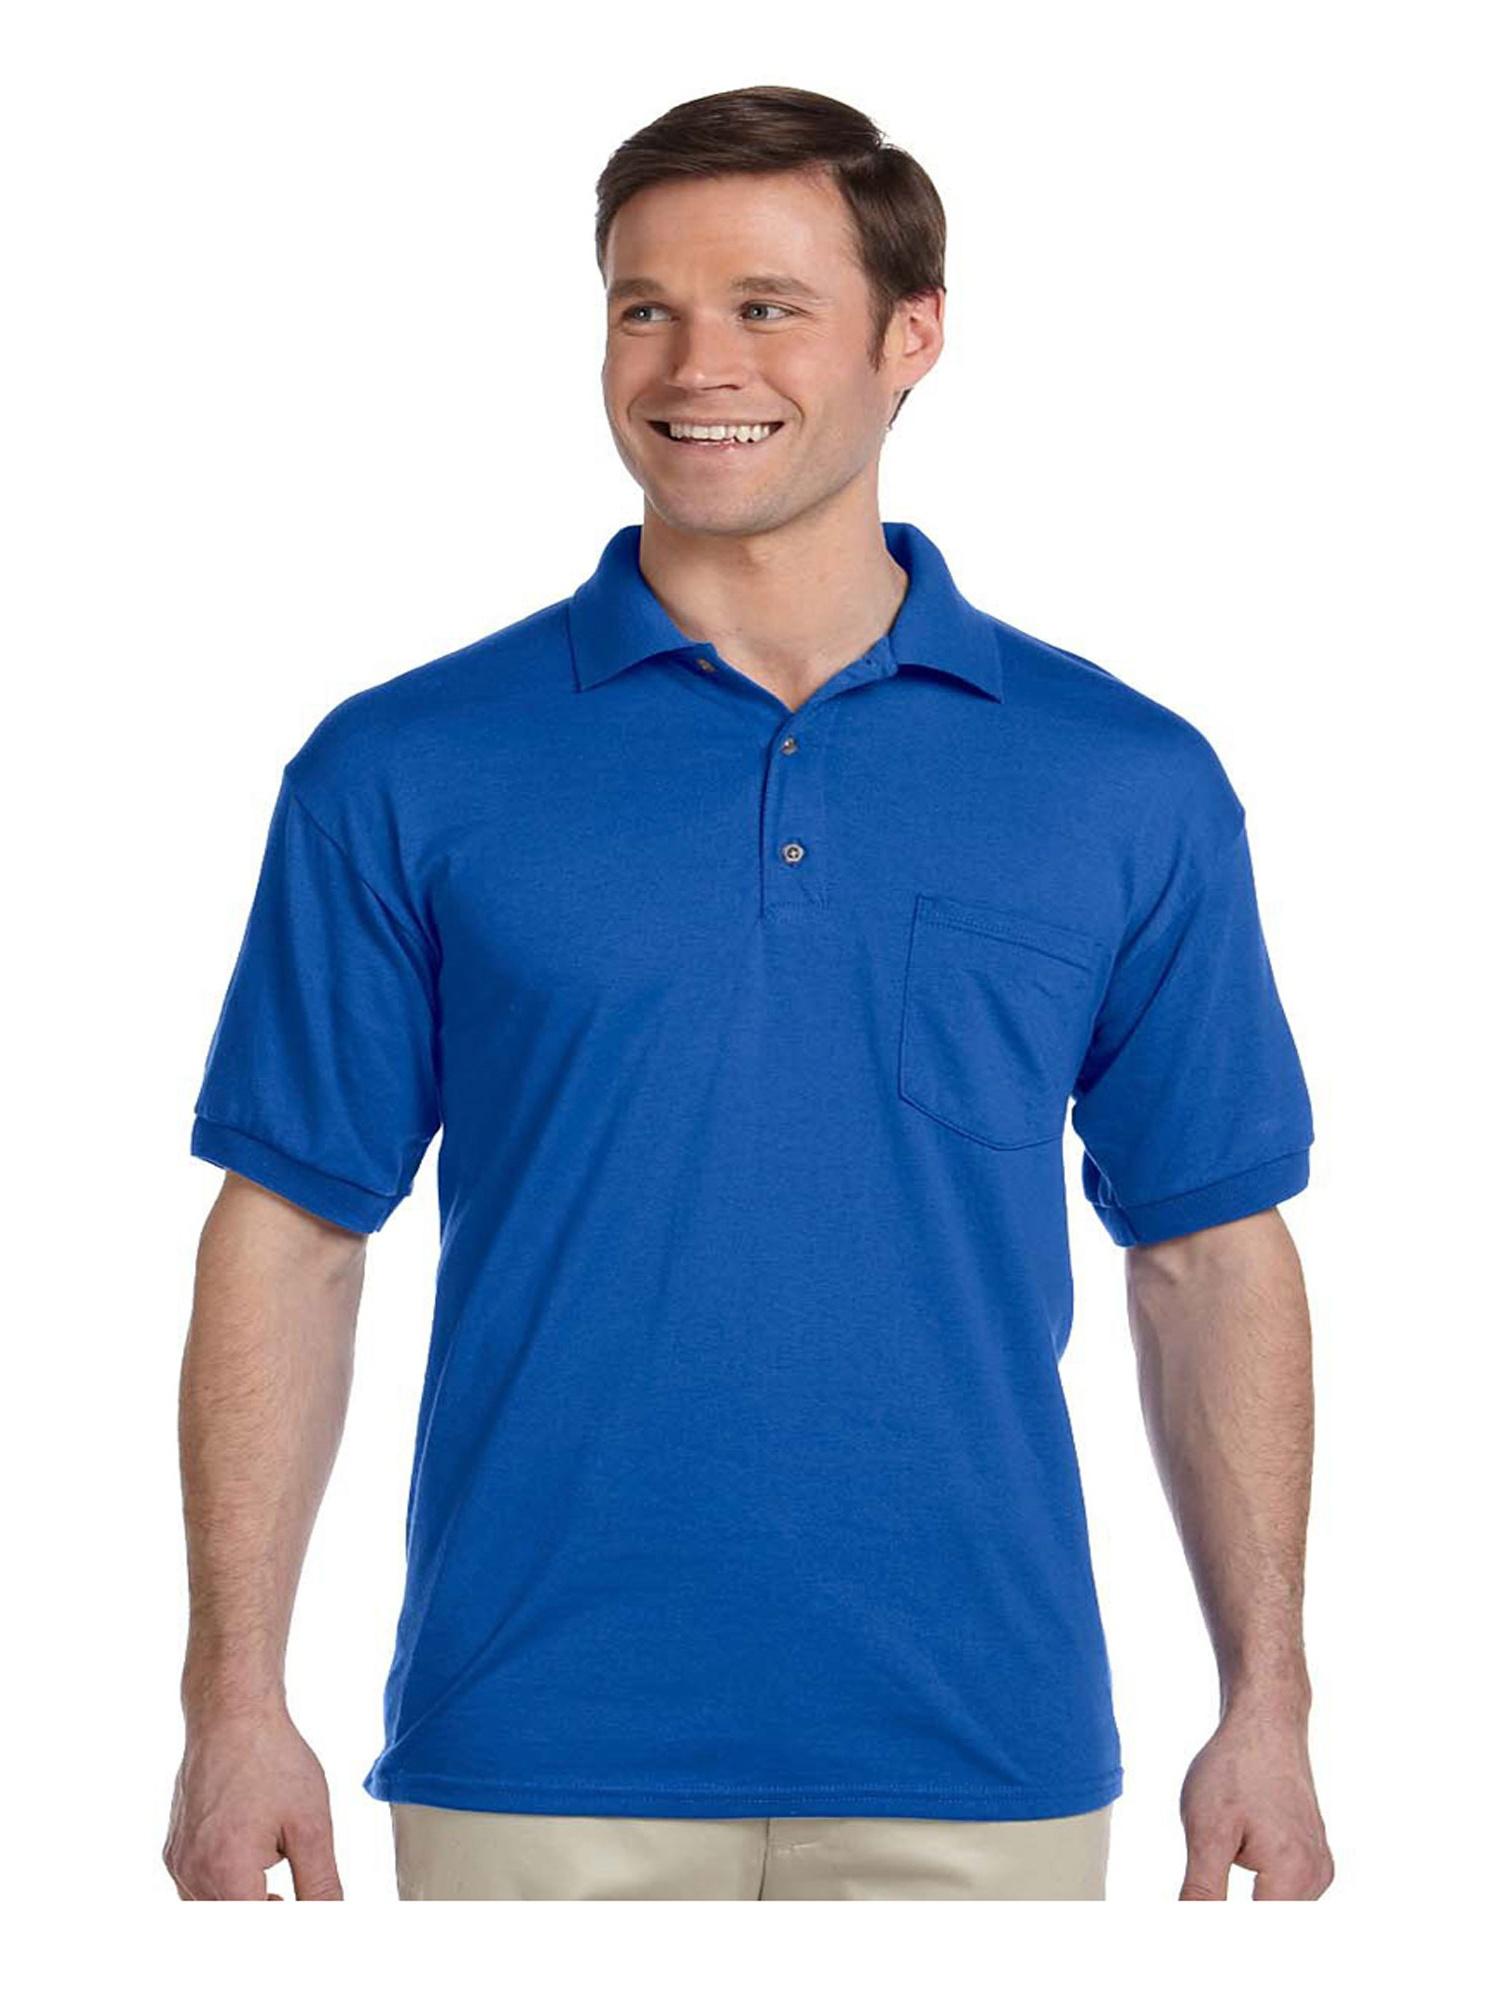 Gildan Mens Moisture Wicking Pocket Jersey Polo Shirt